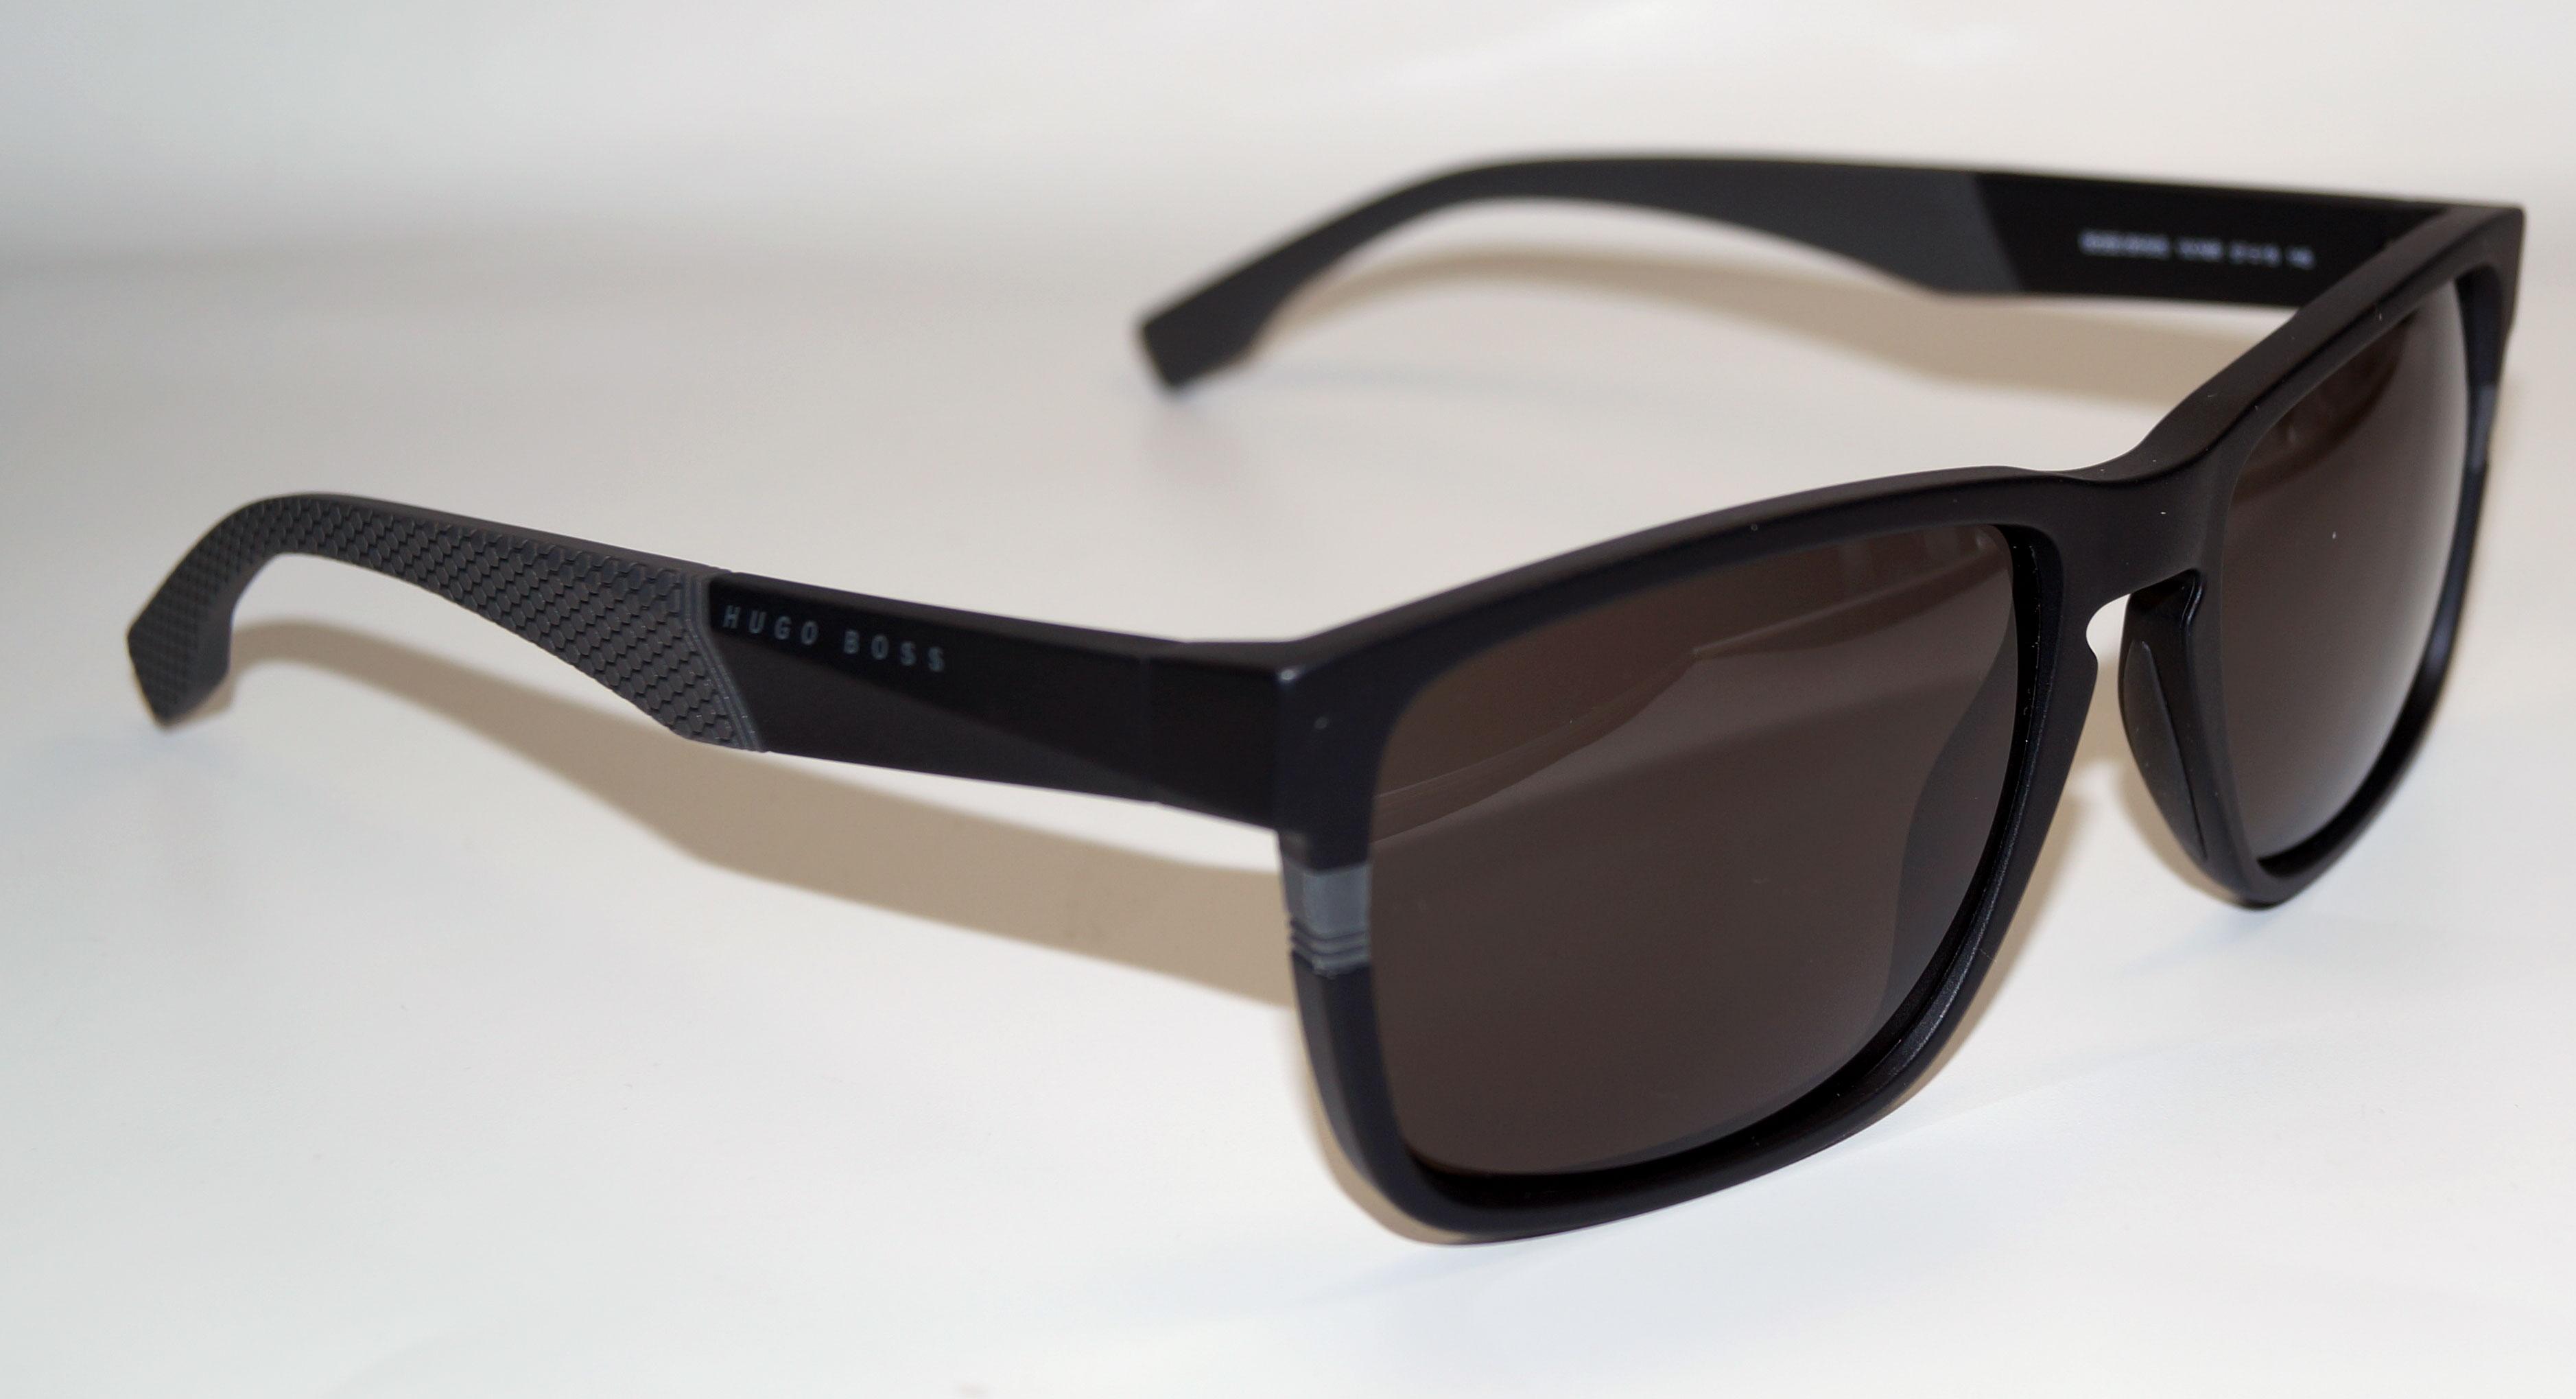 HUGO BOSS BLACK Sonnenbrille Sunglasses BOSS 0916 1X1 NR